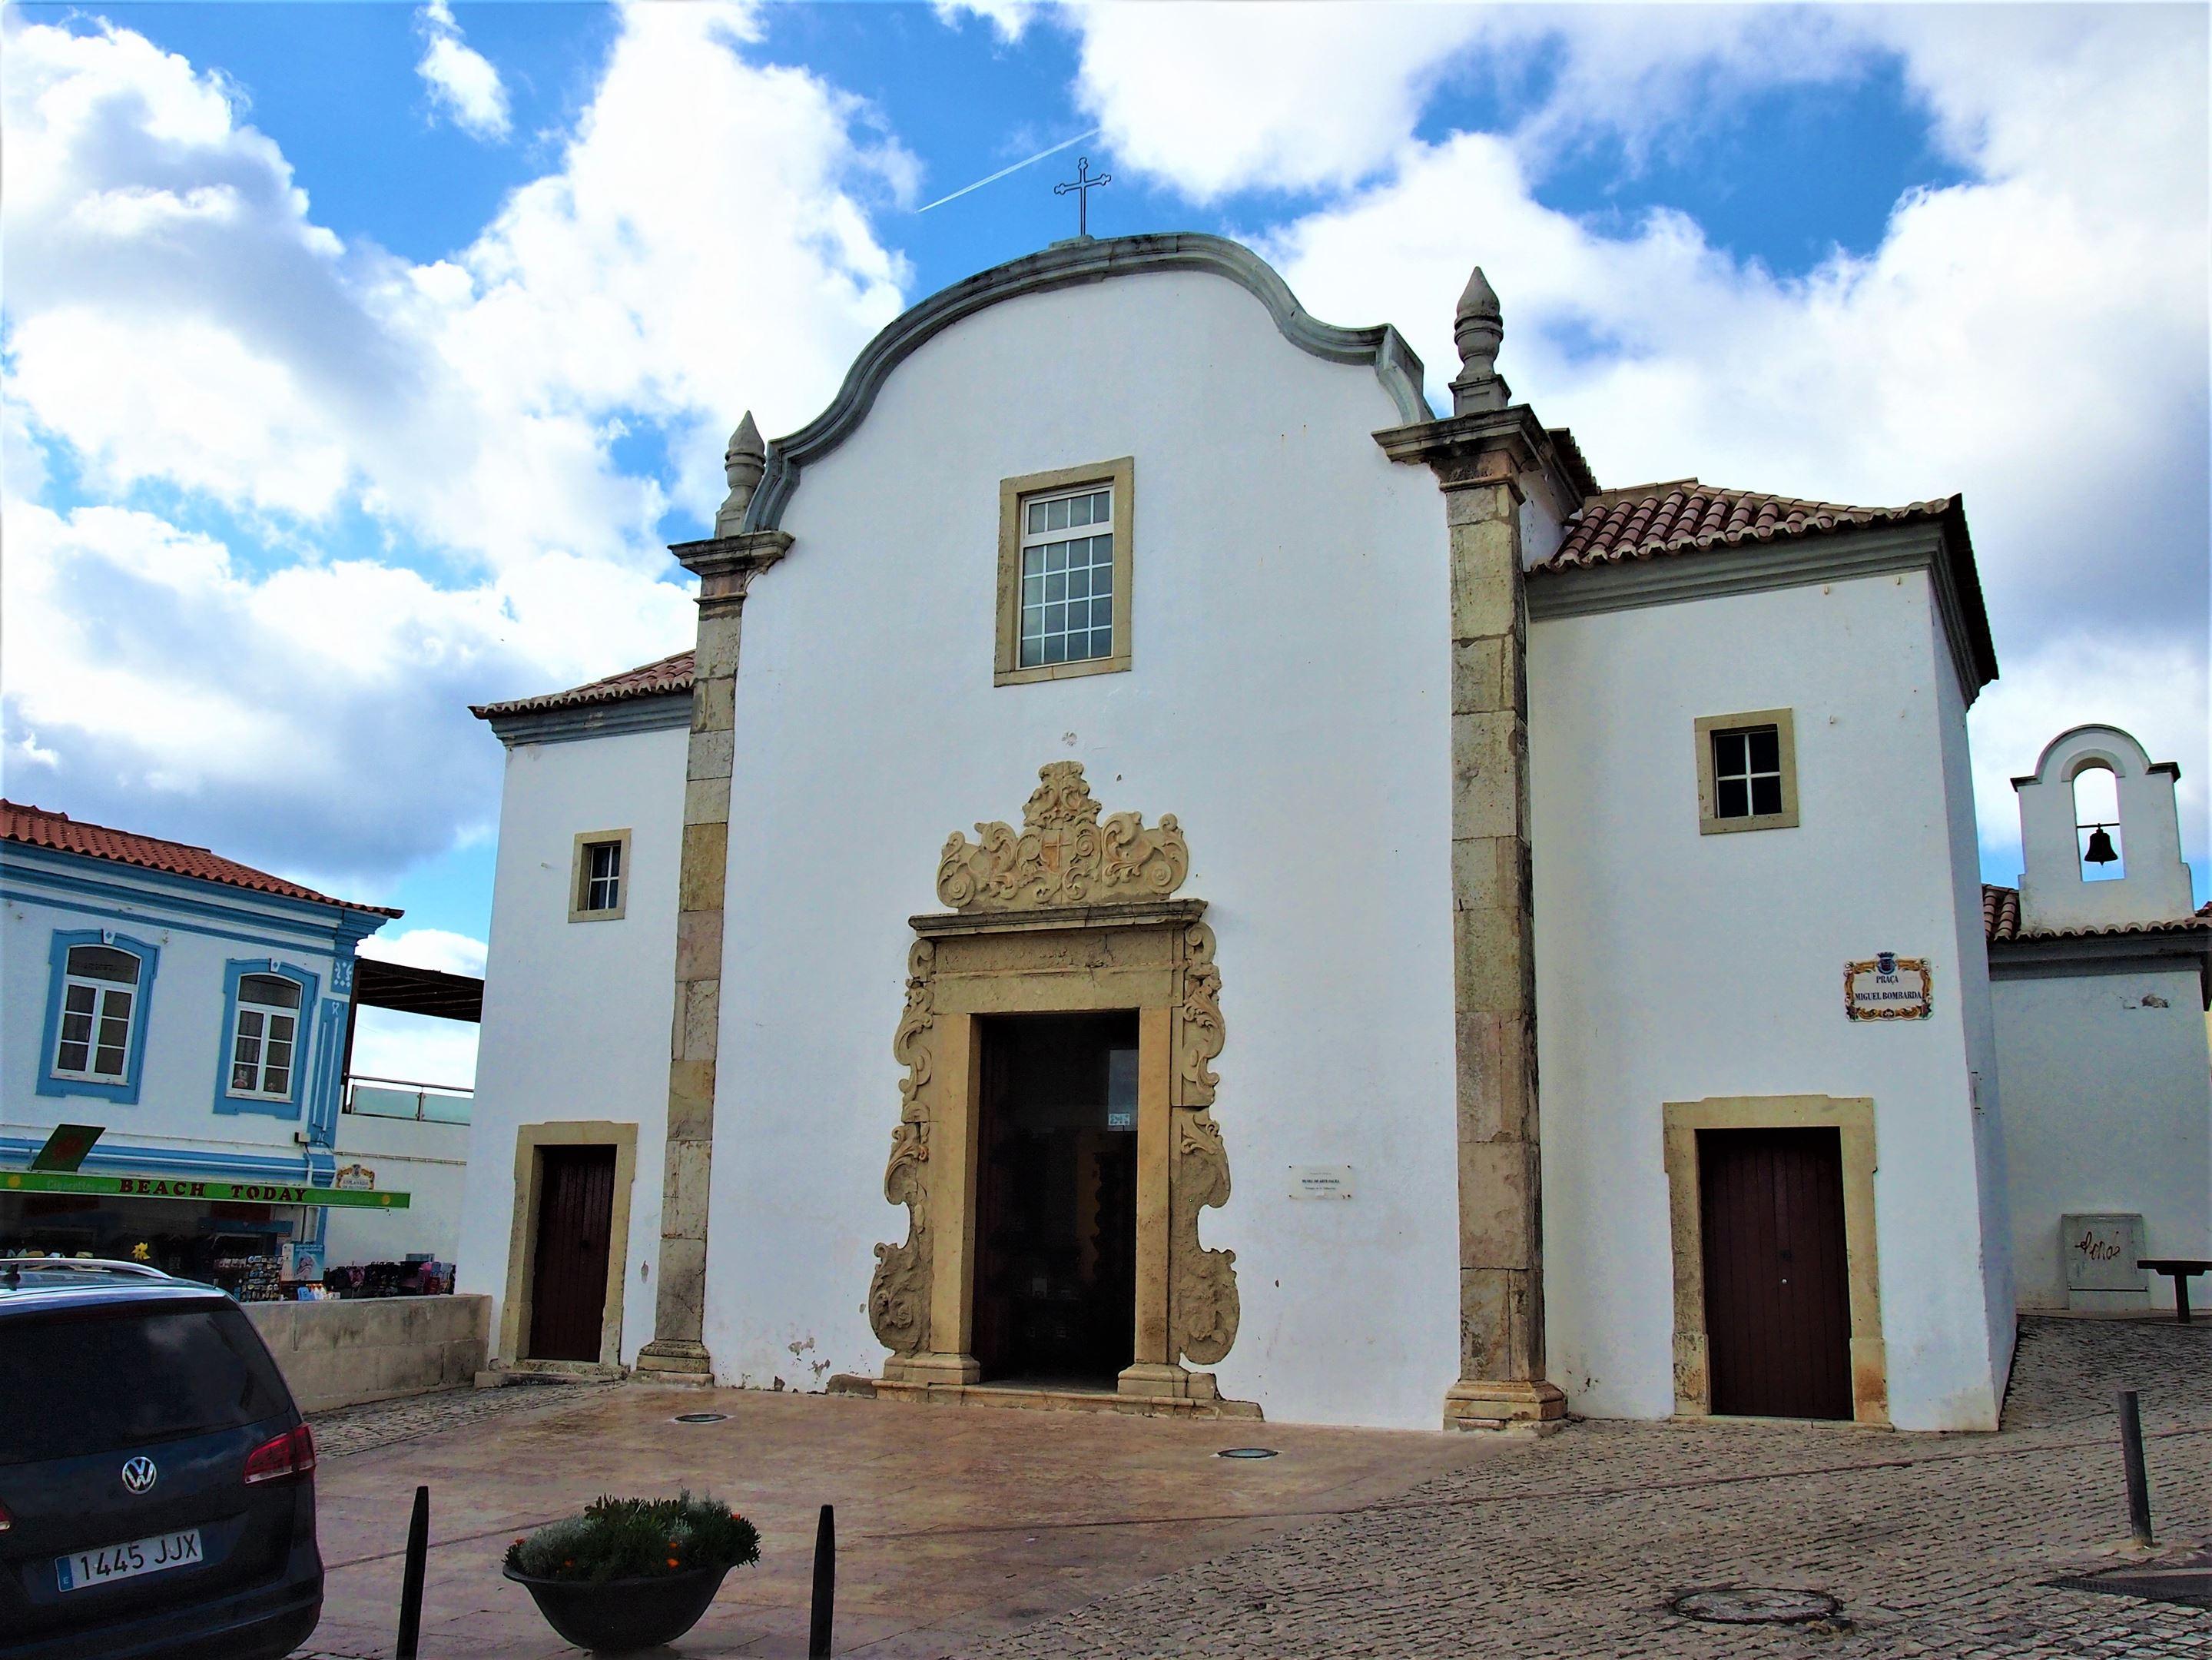 La Igreja de São Sebastião, Albufeira